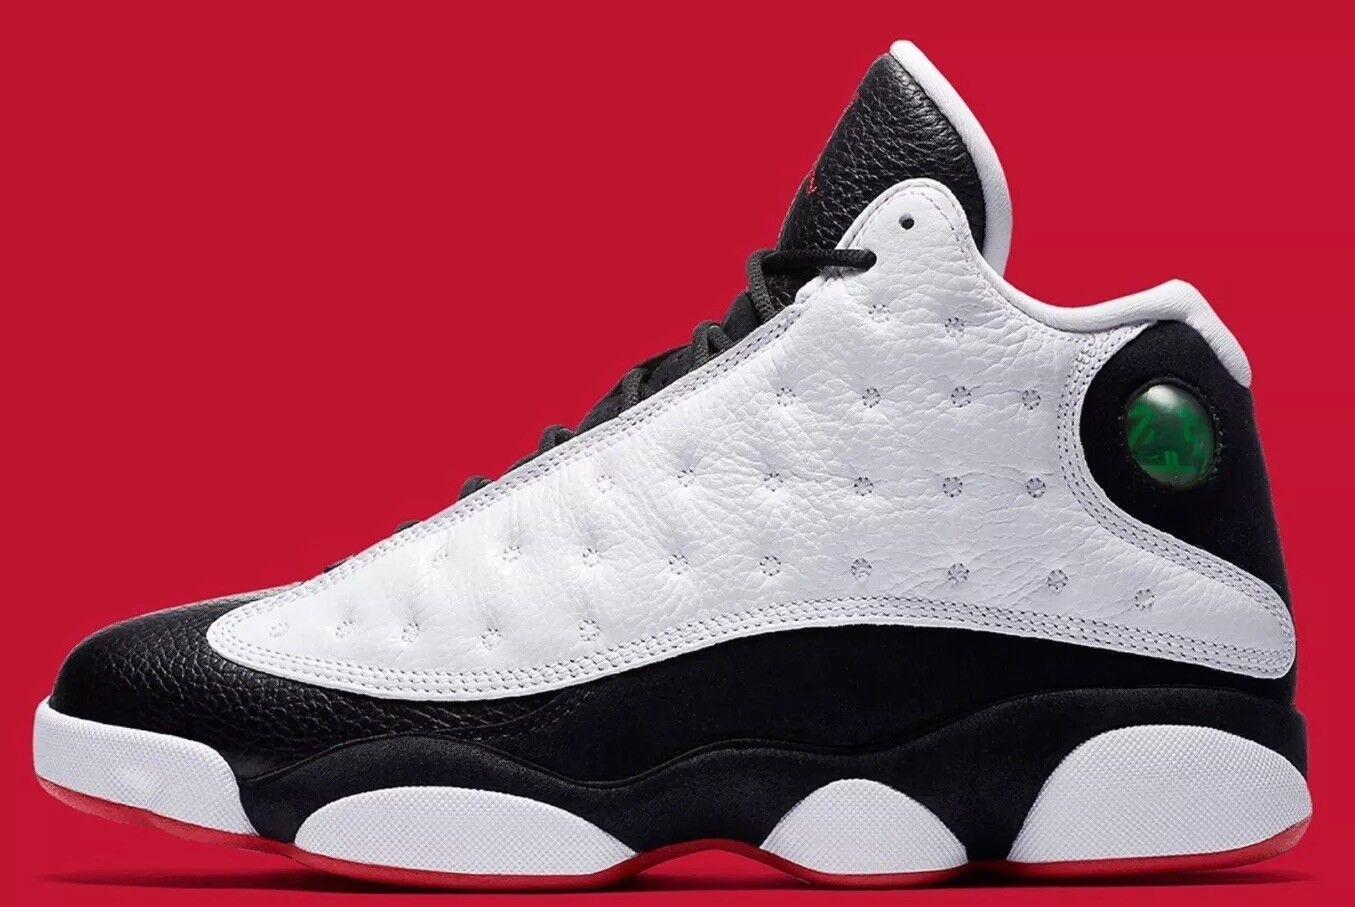 Jordan 13 Retro BP 414575-104 White Red Black DS Size 1y  e0bd9a6bb